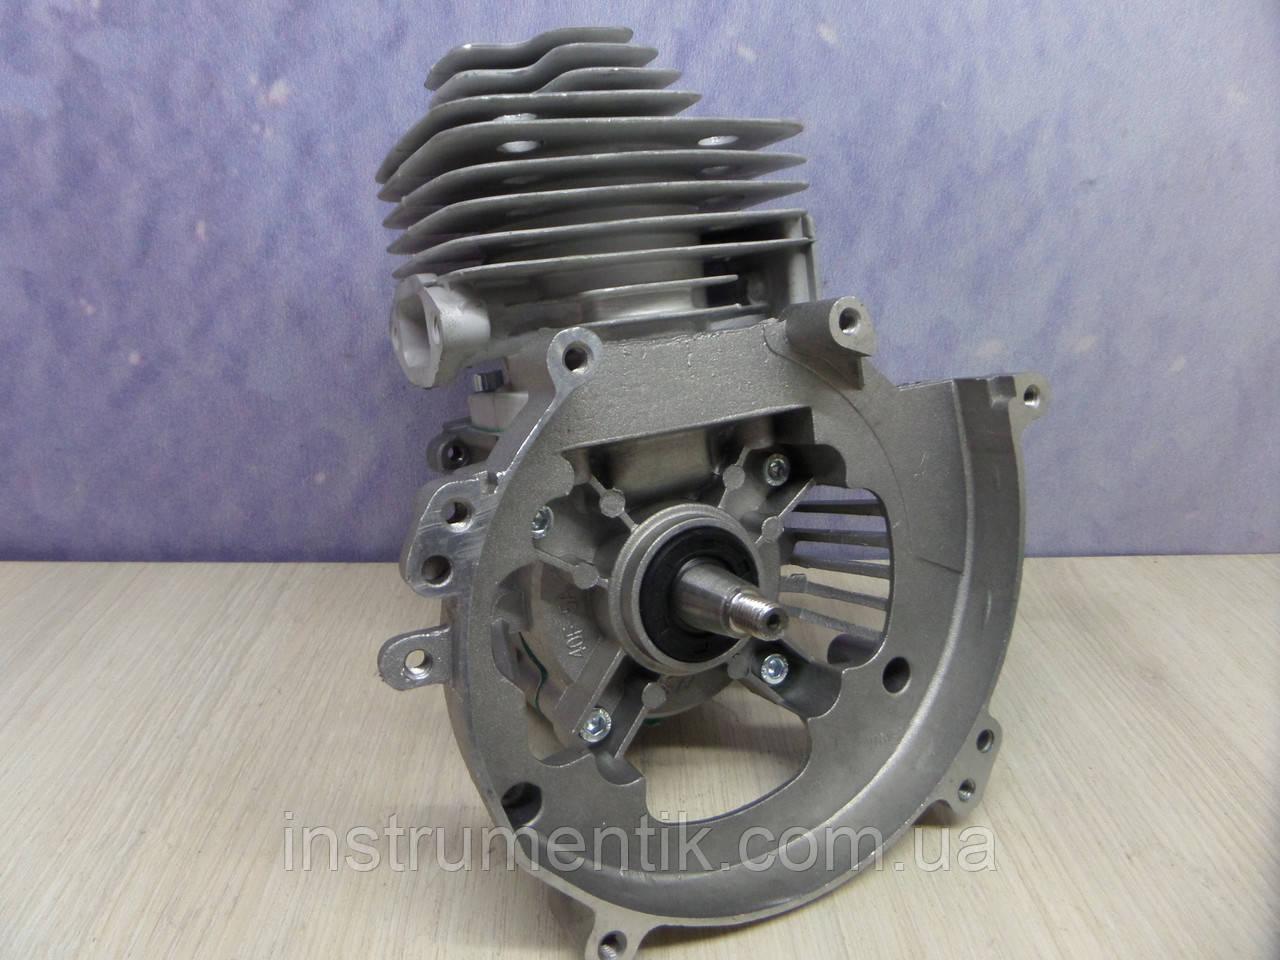 Двигатель в сборе для китайских мотокос NTCG 430 (диаметр 40мм)